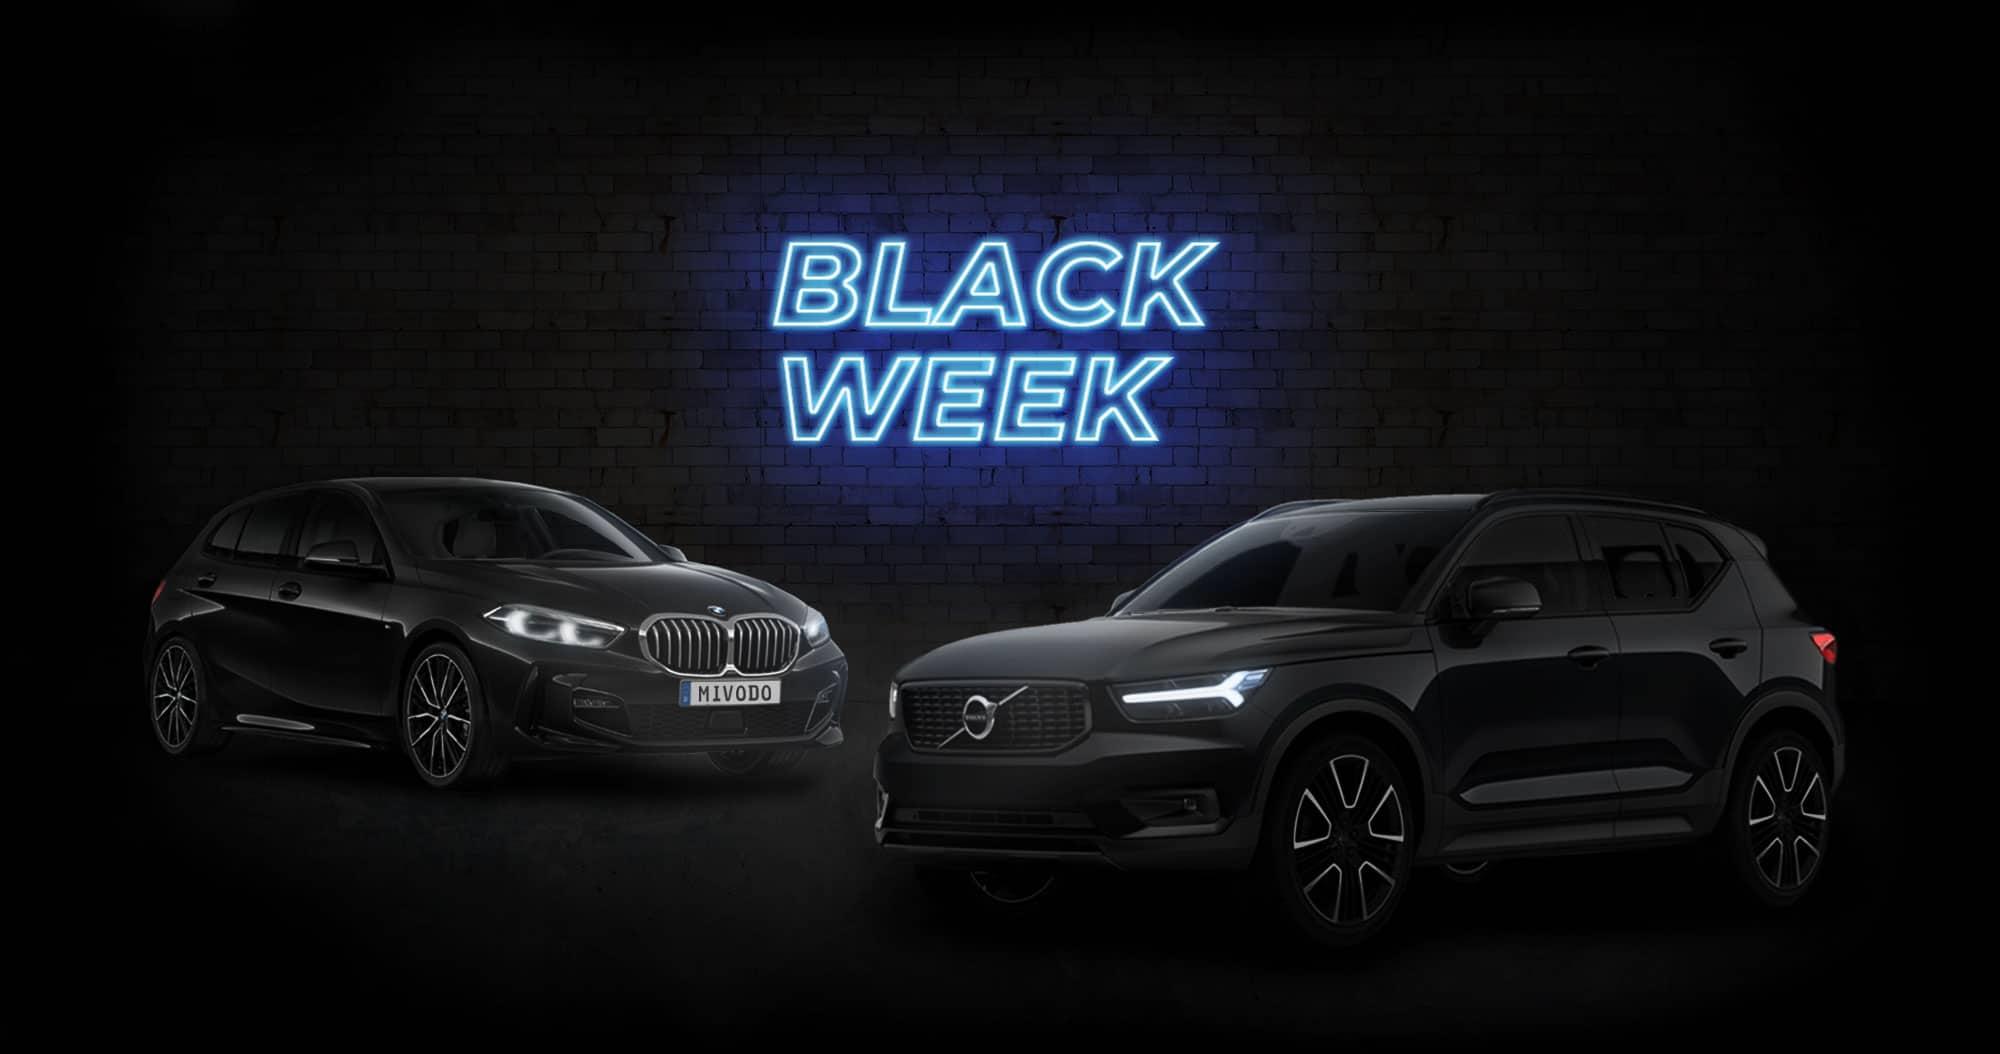 Mivodo Black Leasing Week